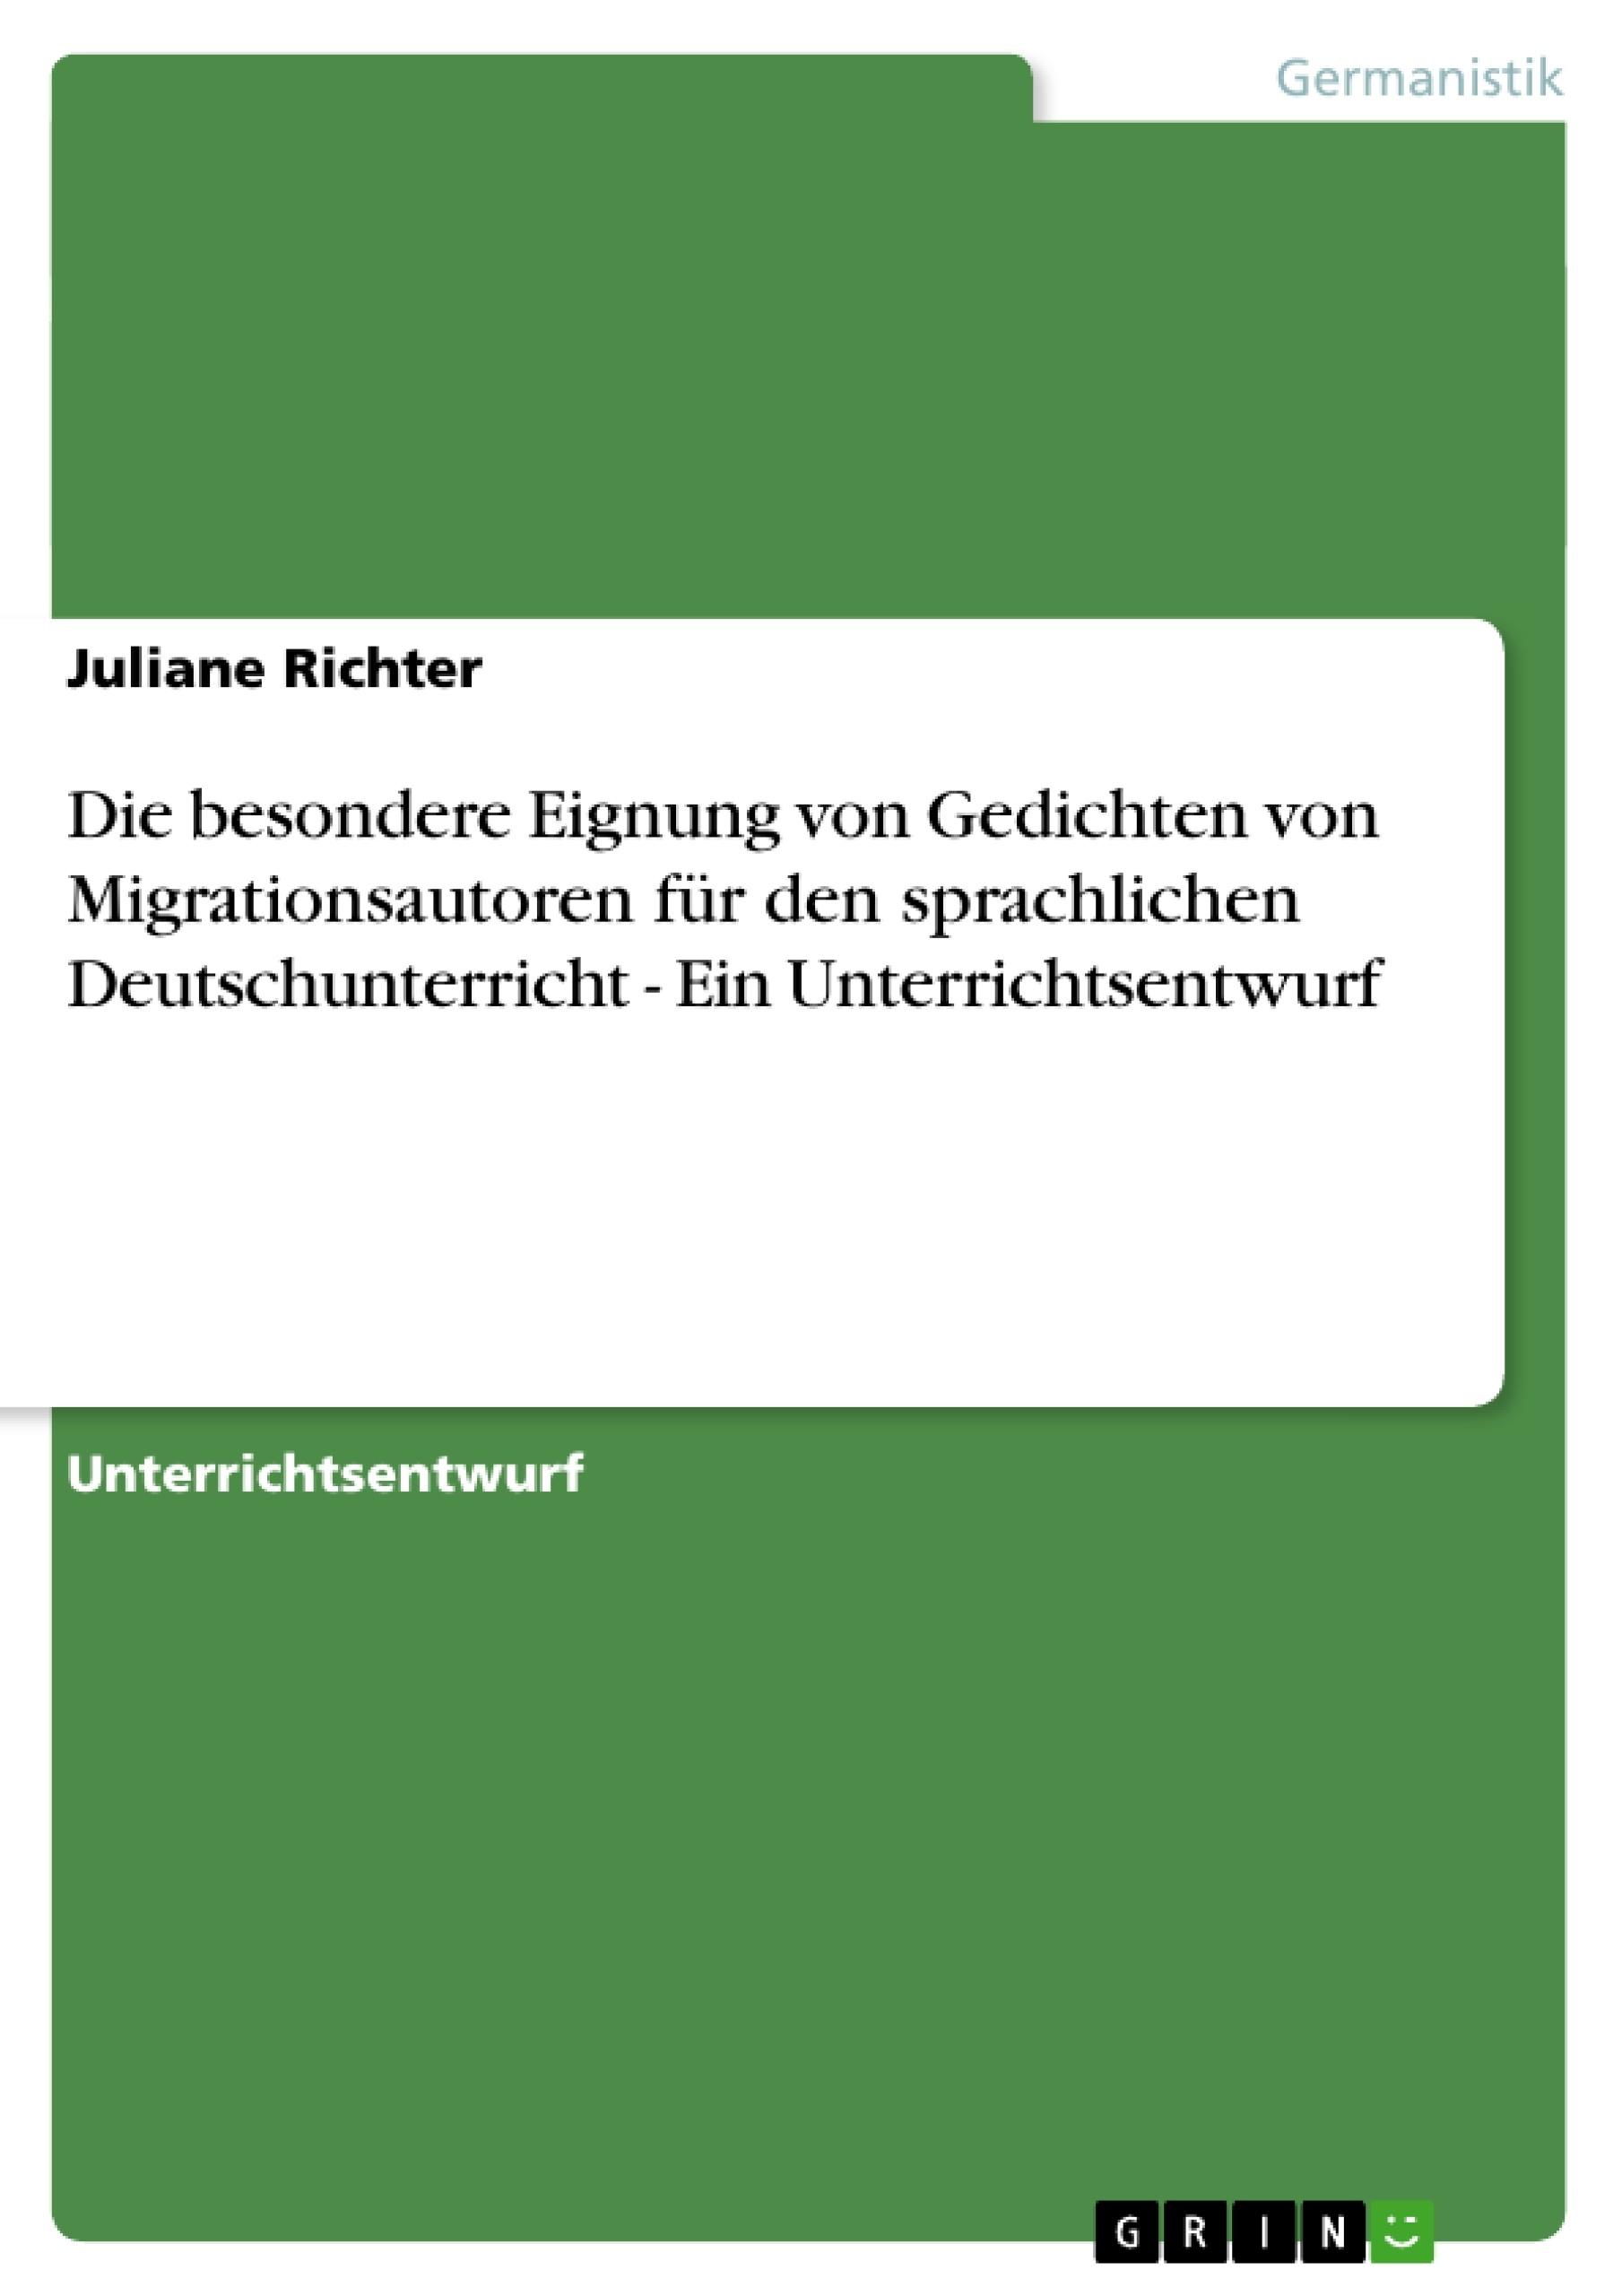 Titel: Die besondere Eignung von Gedichten von Migrationsautoren für den sprachlichen Deutschunterricht - Ein Unterrichtsentwurf